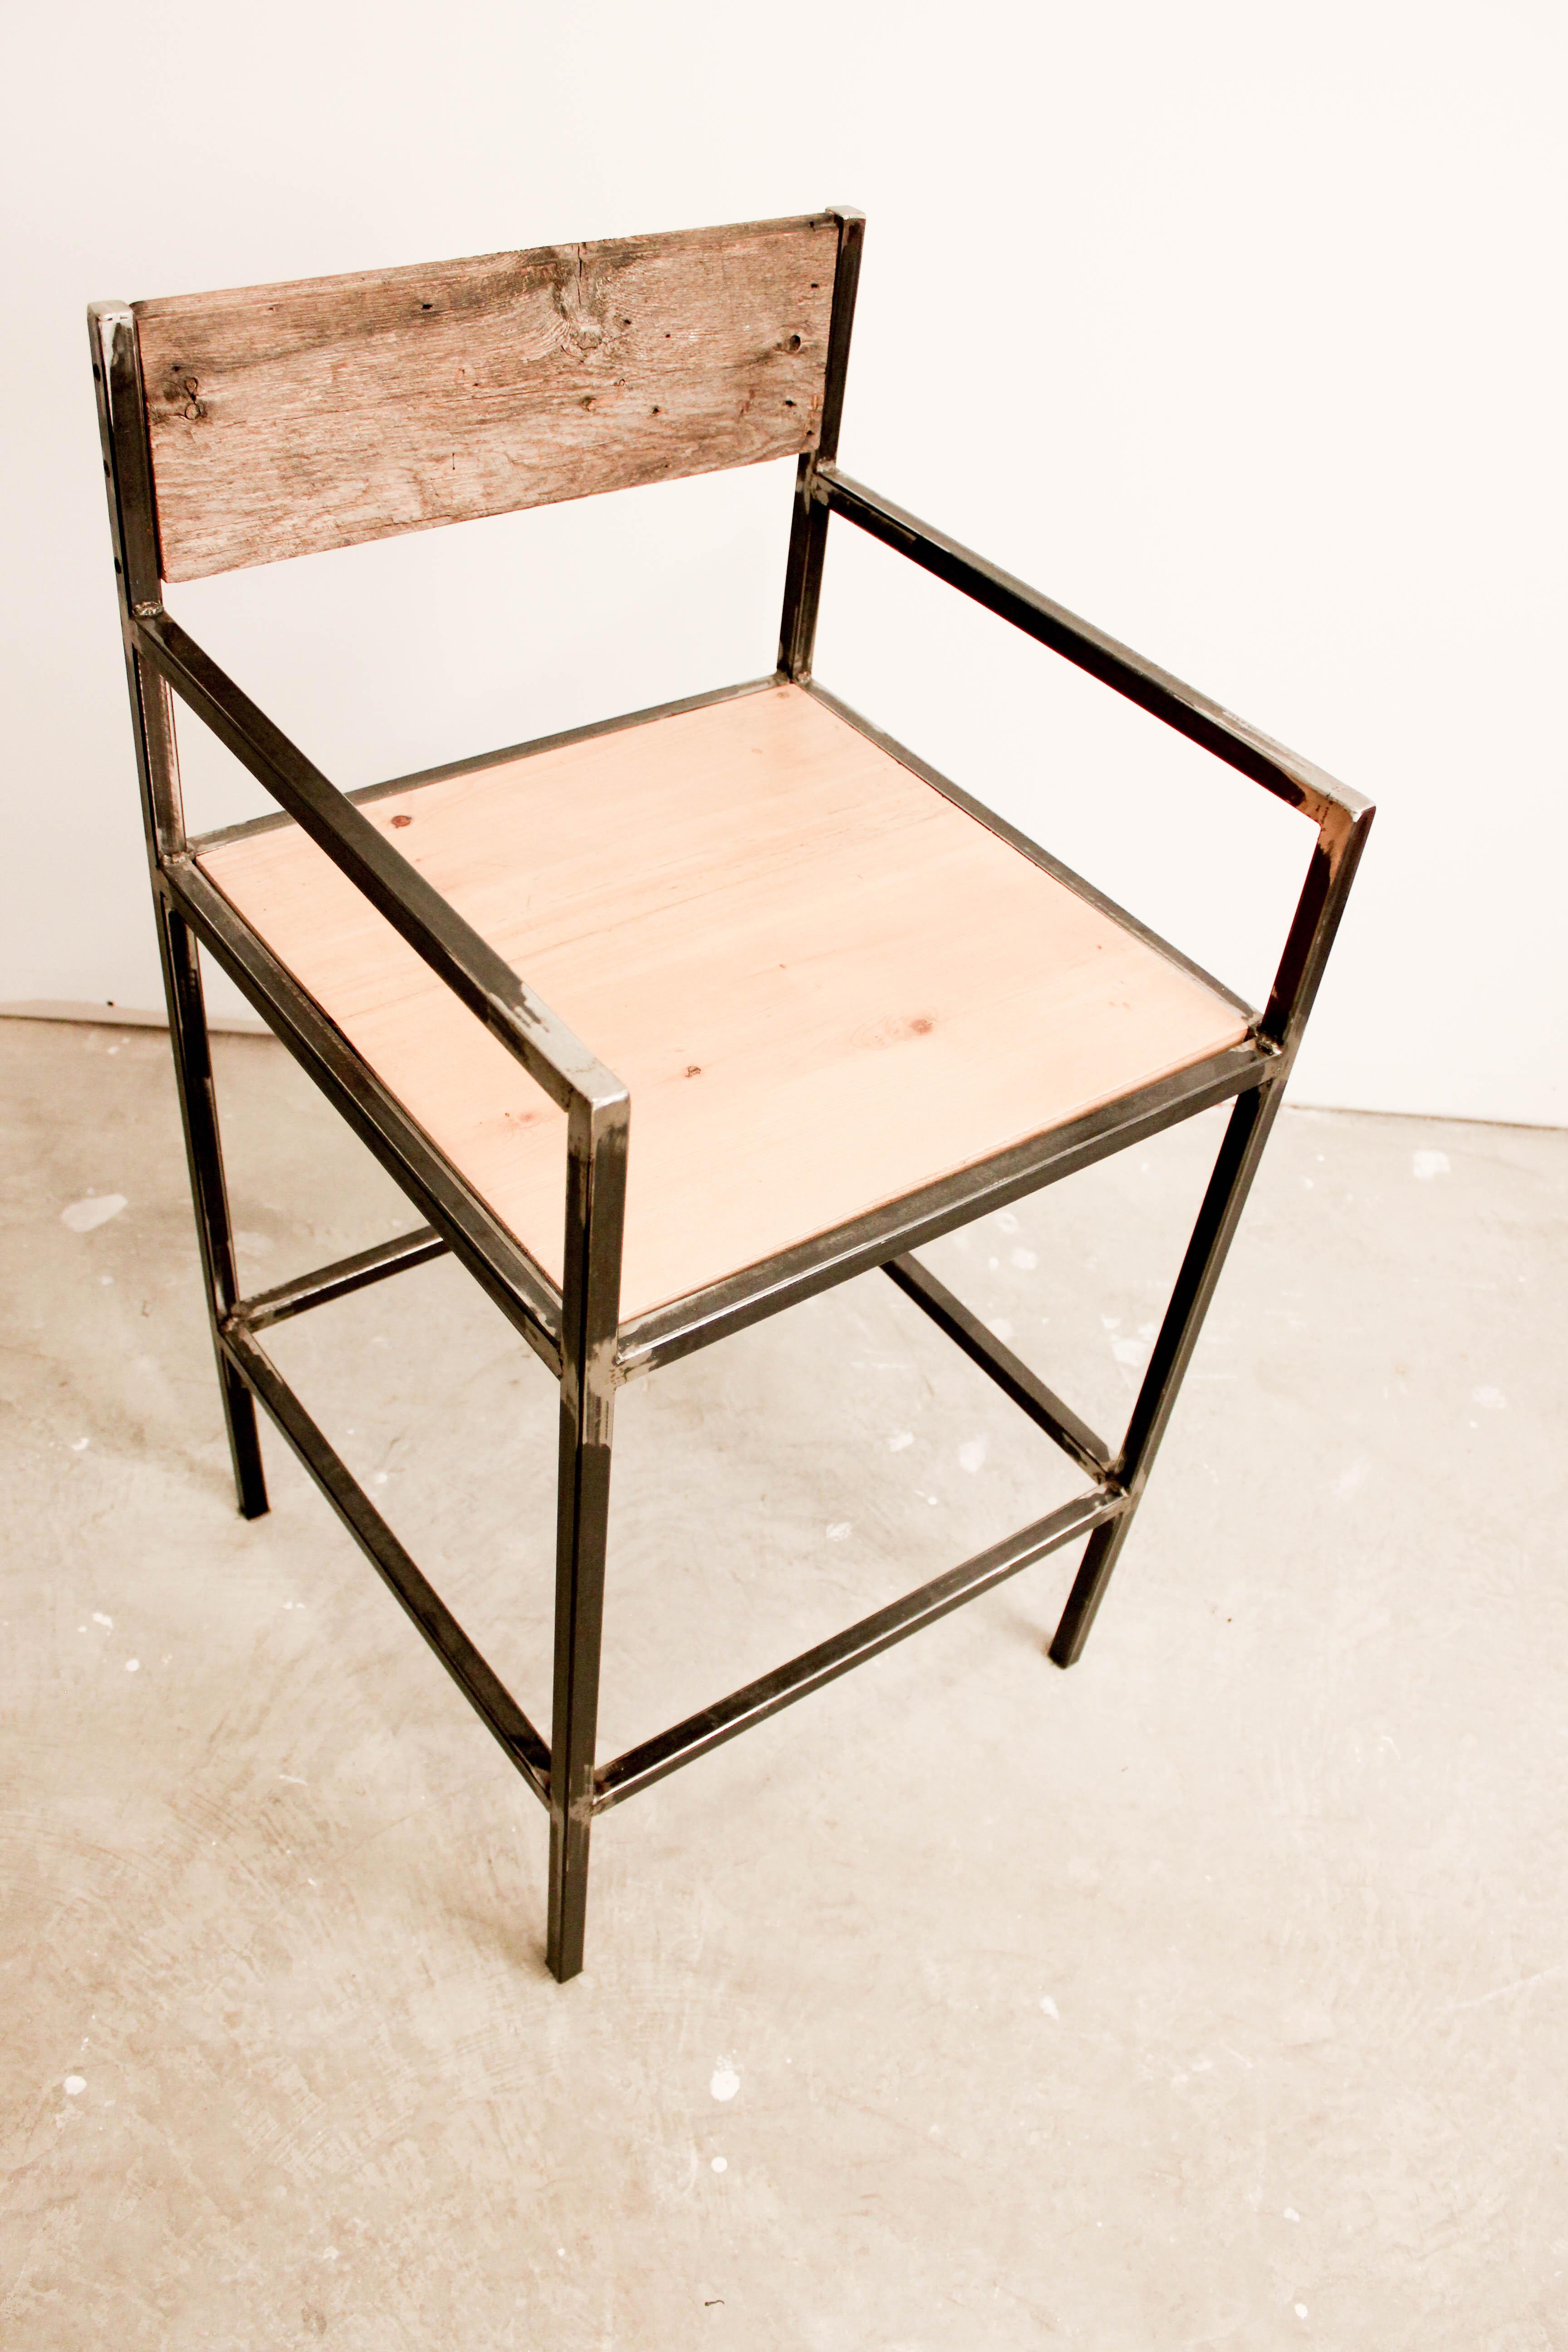 meubles roll 4-21